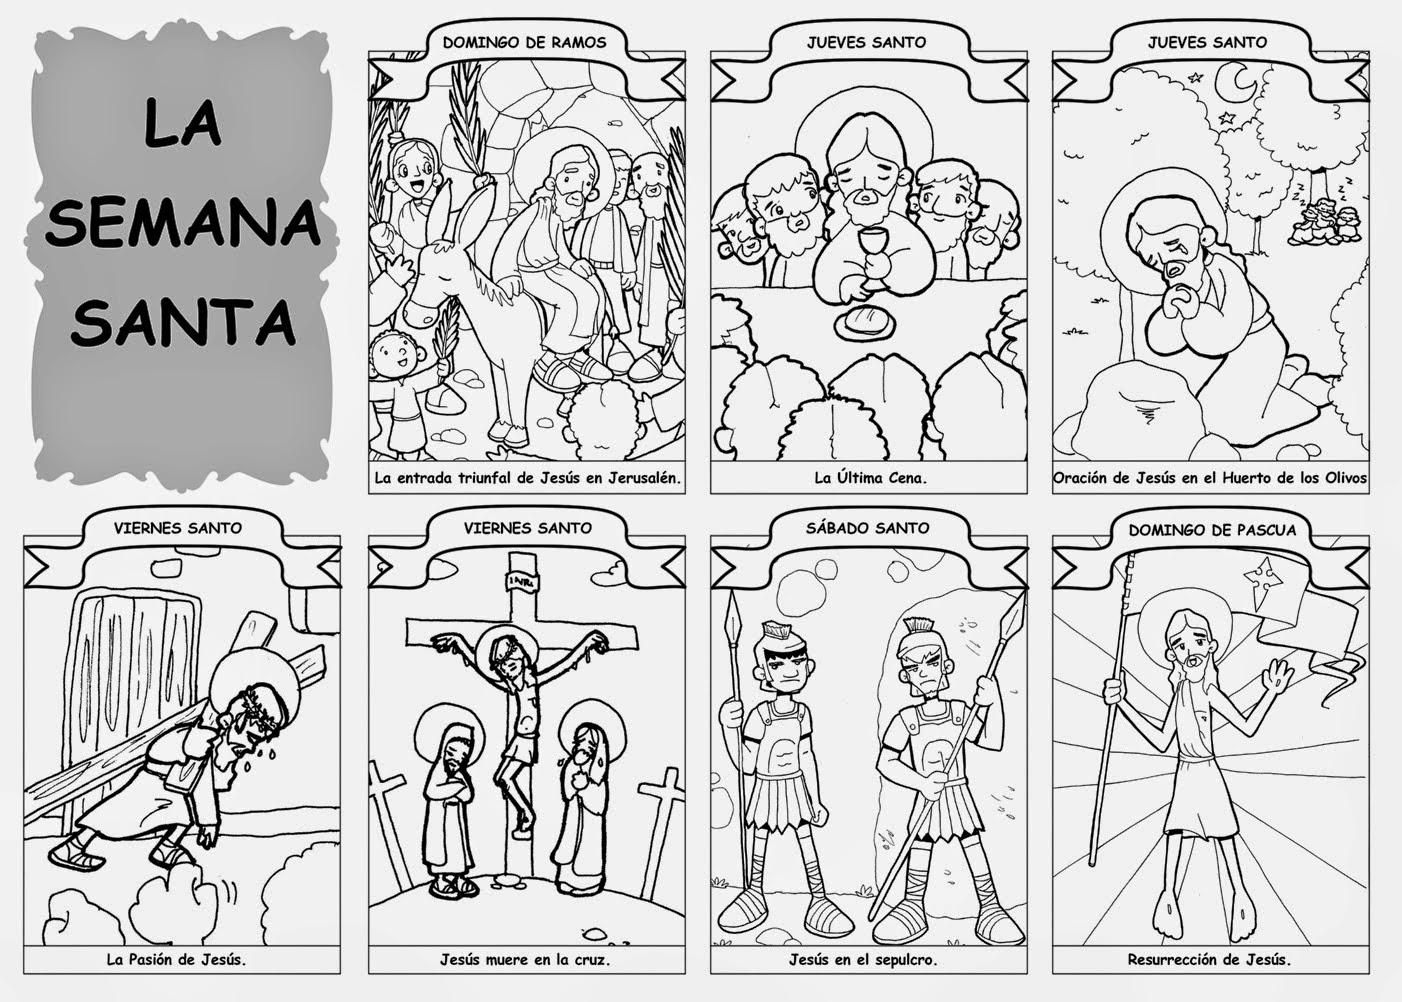 Dibujos Para Colorear Para Ninos De Semana Santa: ® Blog Católico Gotitas Espirituales ®: SEMANA SANTA PARA